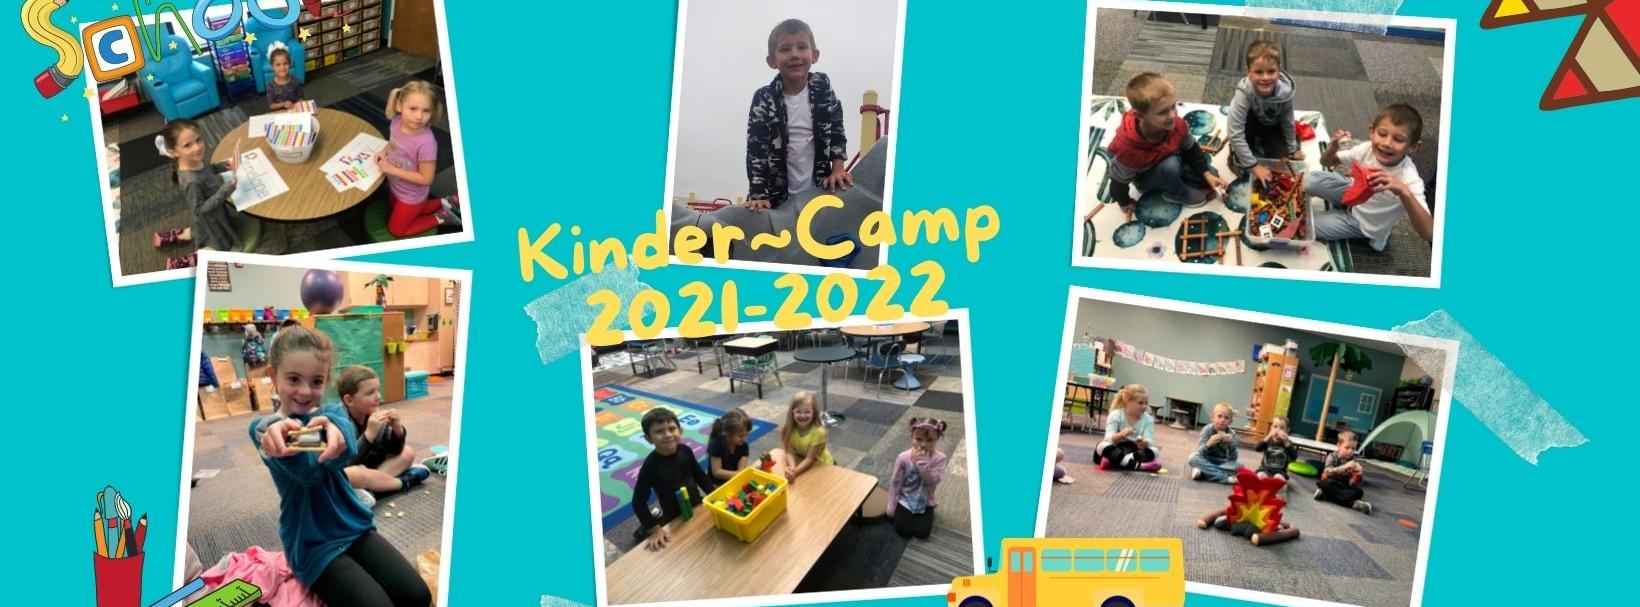 Kinder~Camp